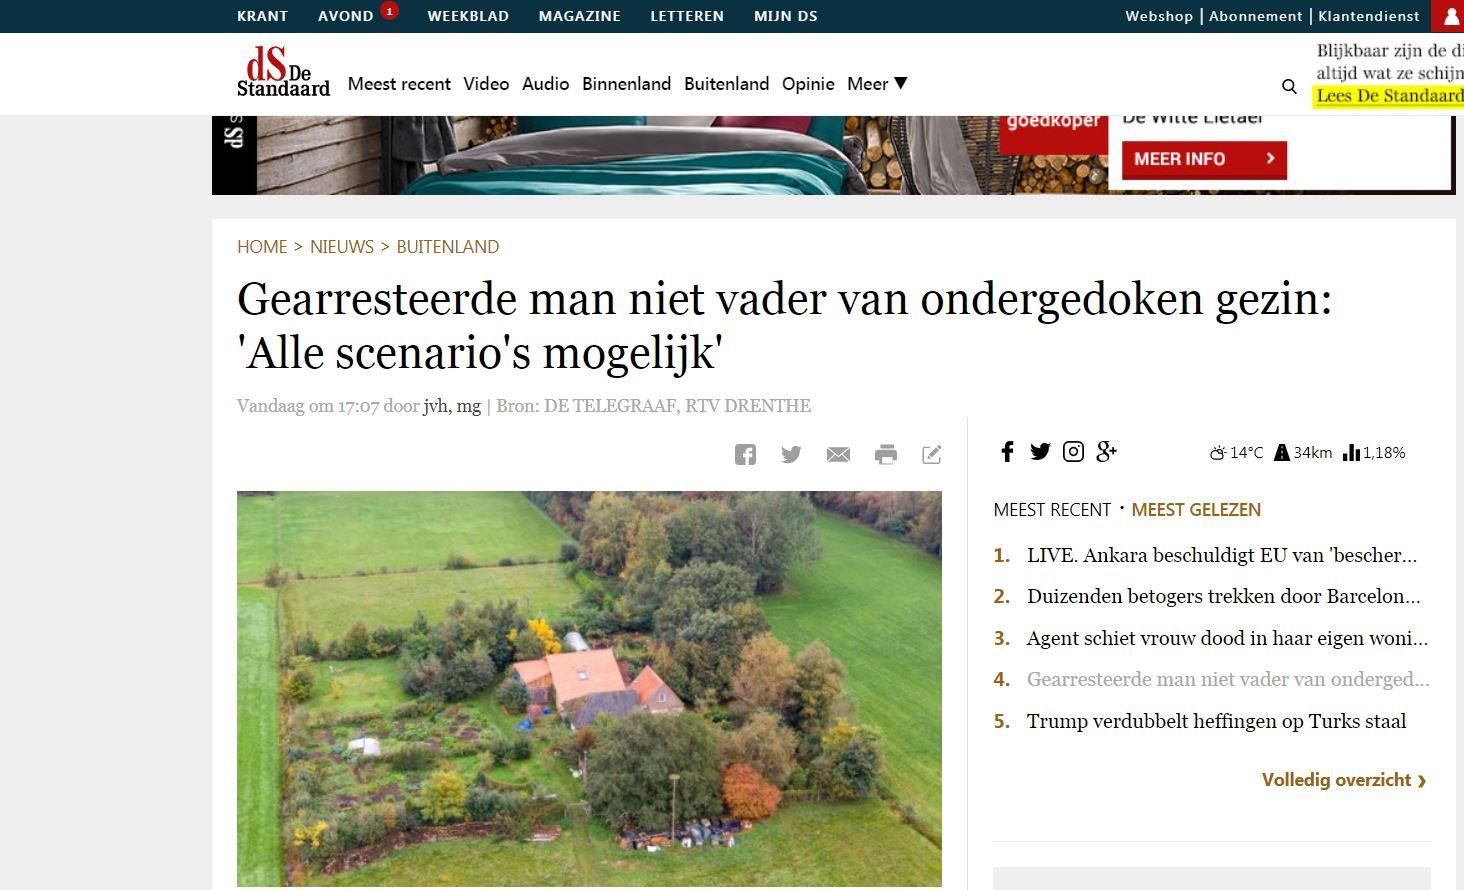 Aandacht bij De Standaard voor het gezin in Drenthe.